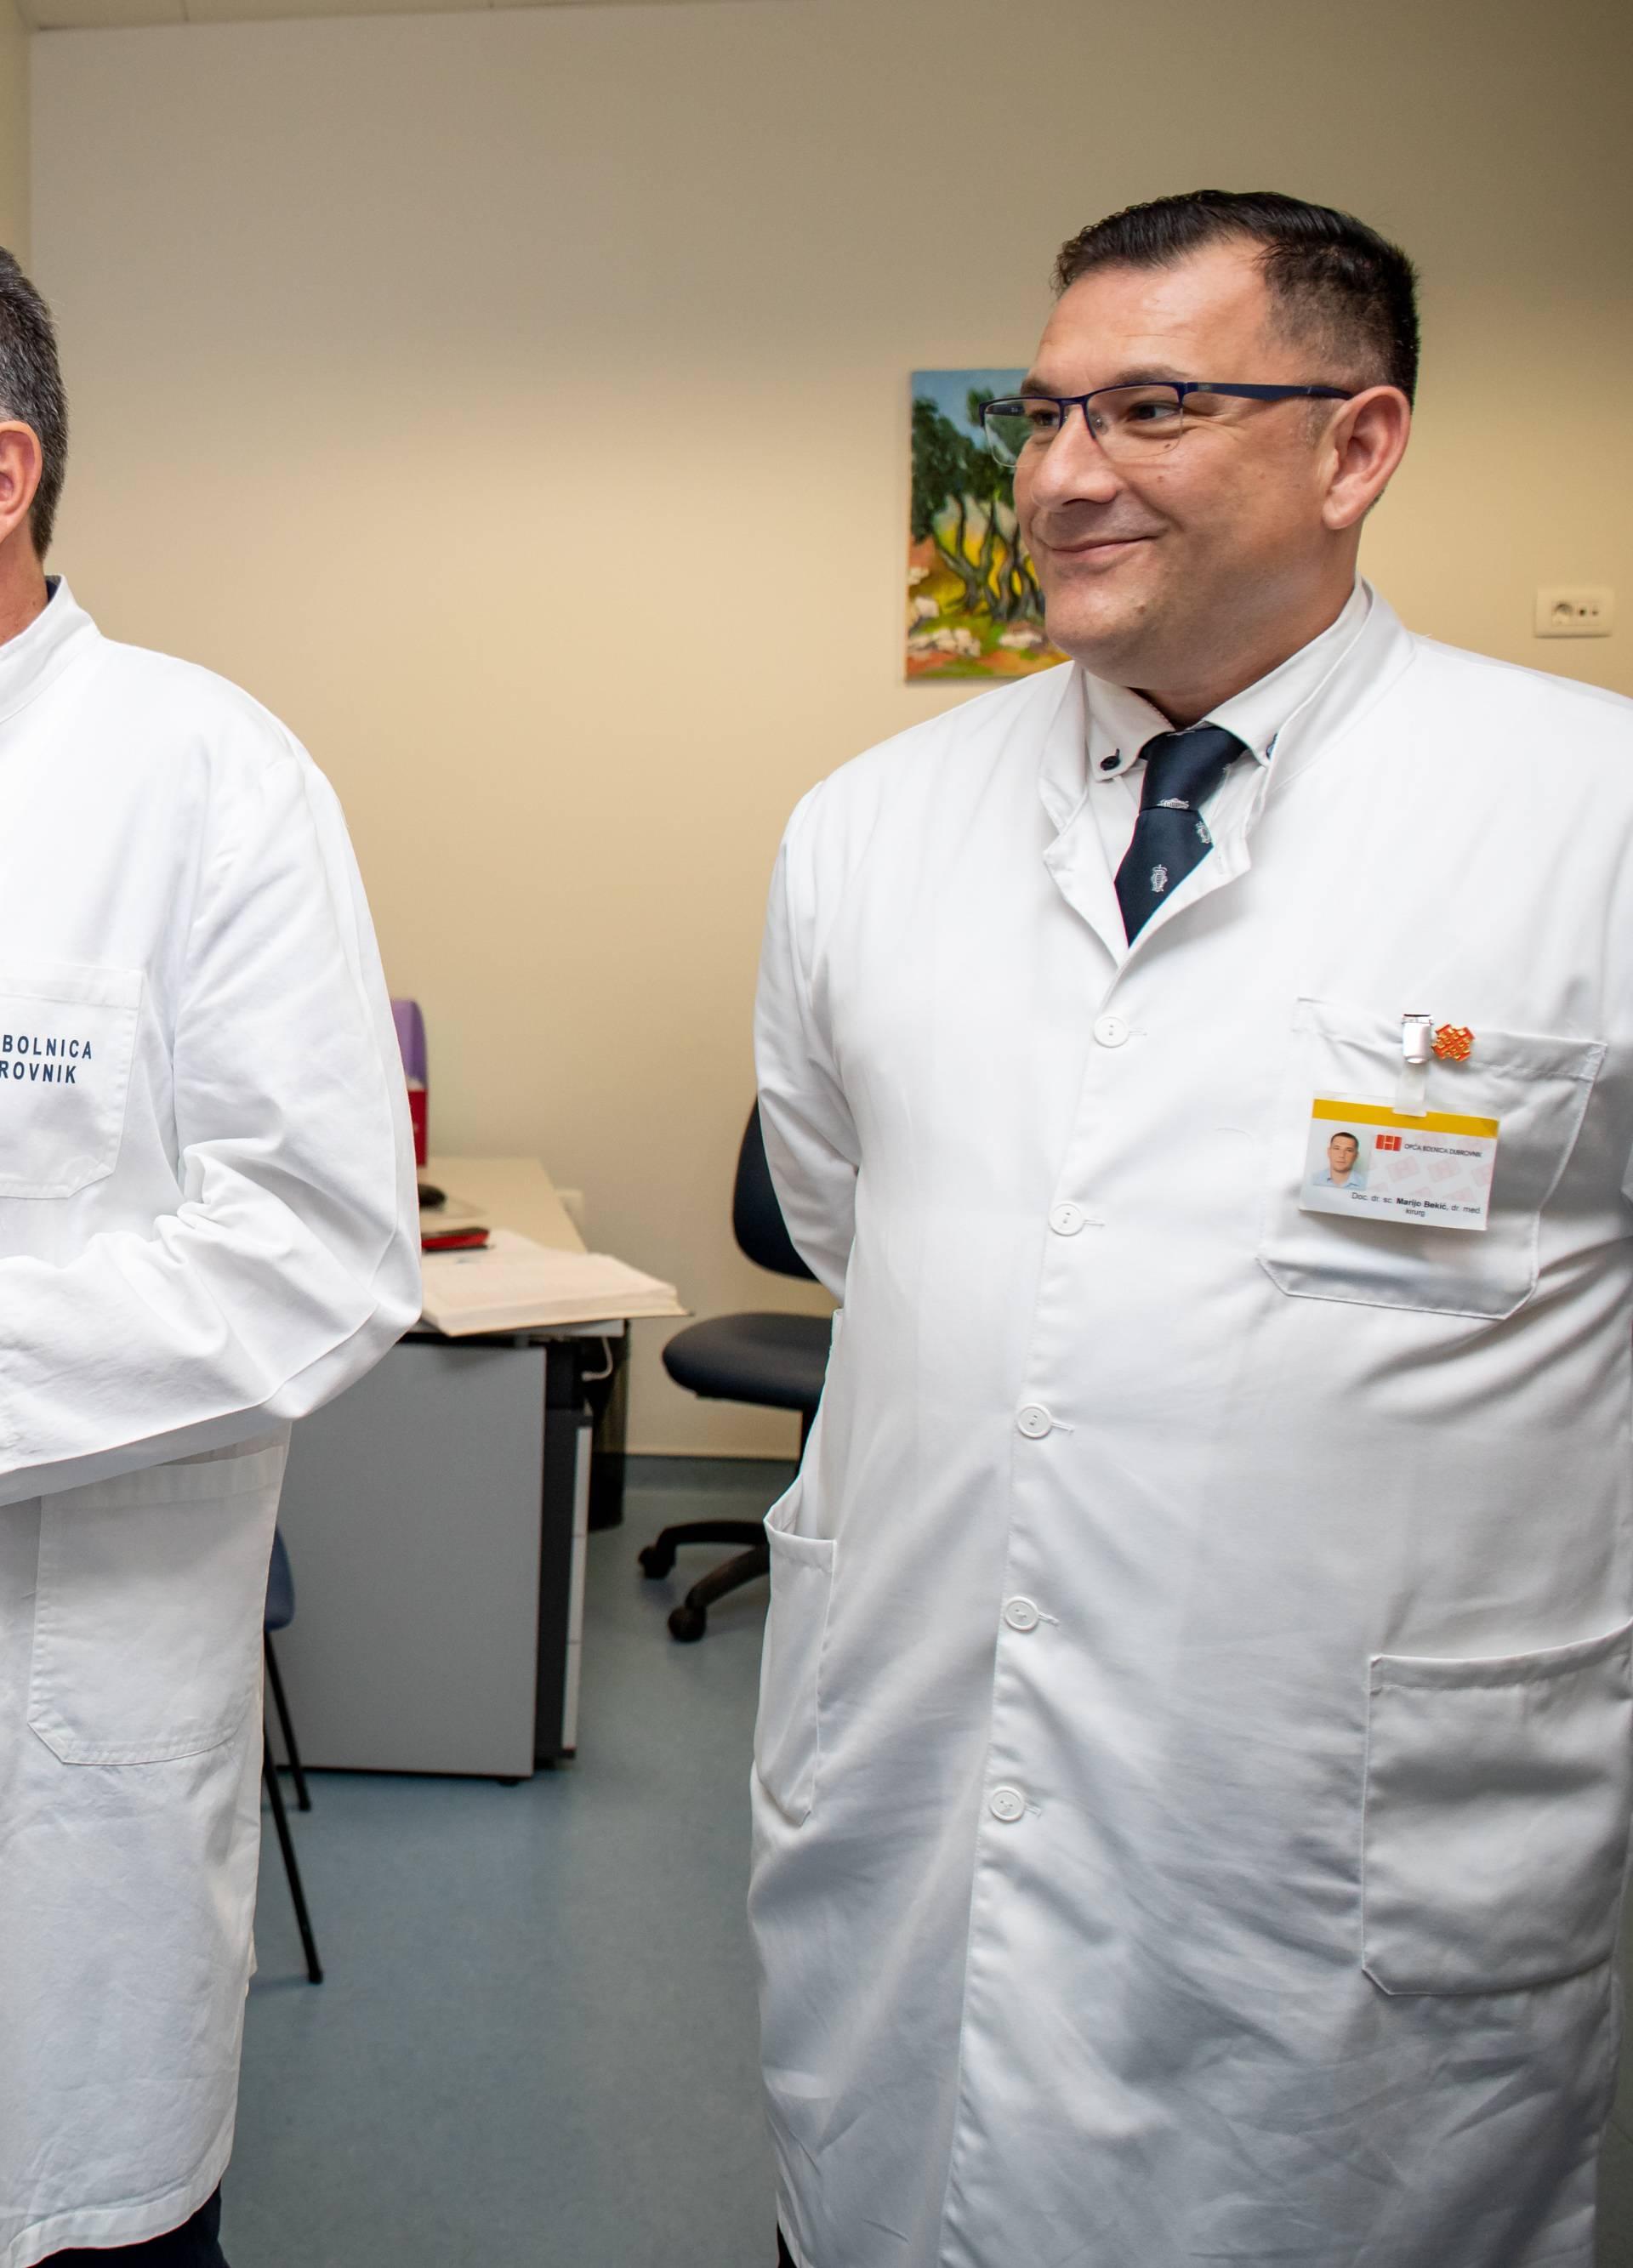 Fali im 30 liječnika, a ministar im uskočio pregledati pacijente